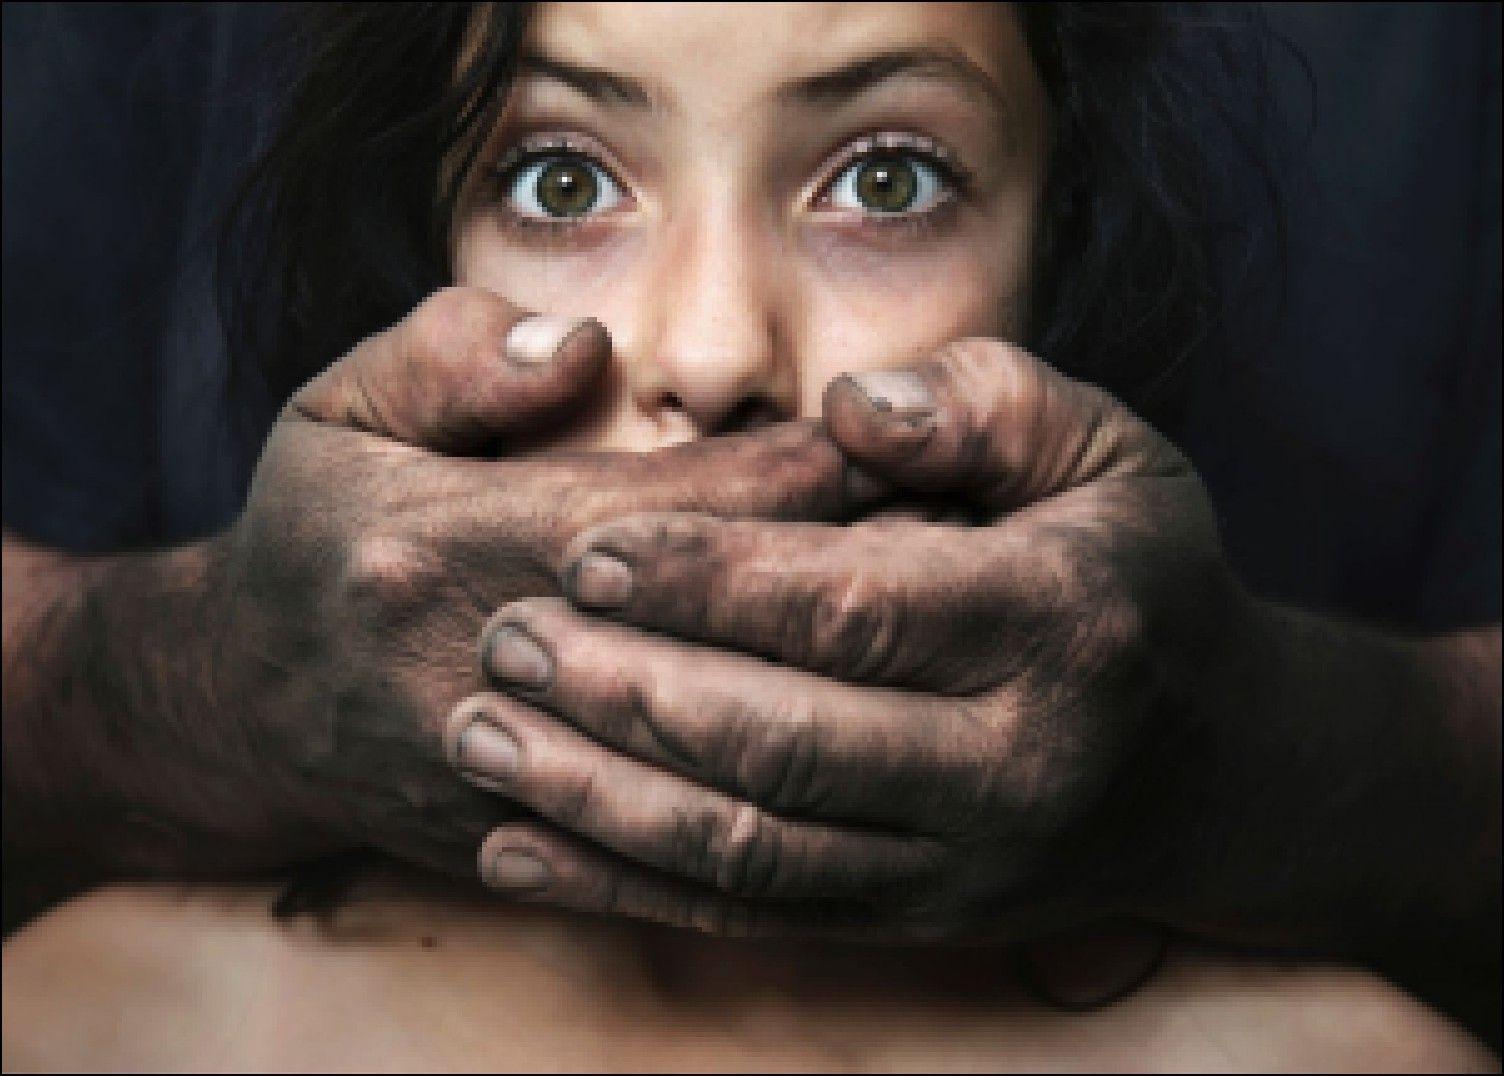 Саратовские коллекторы угрожают изнасилованием собственной должнице